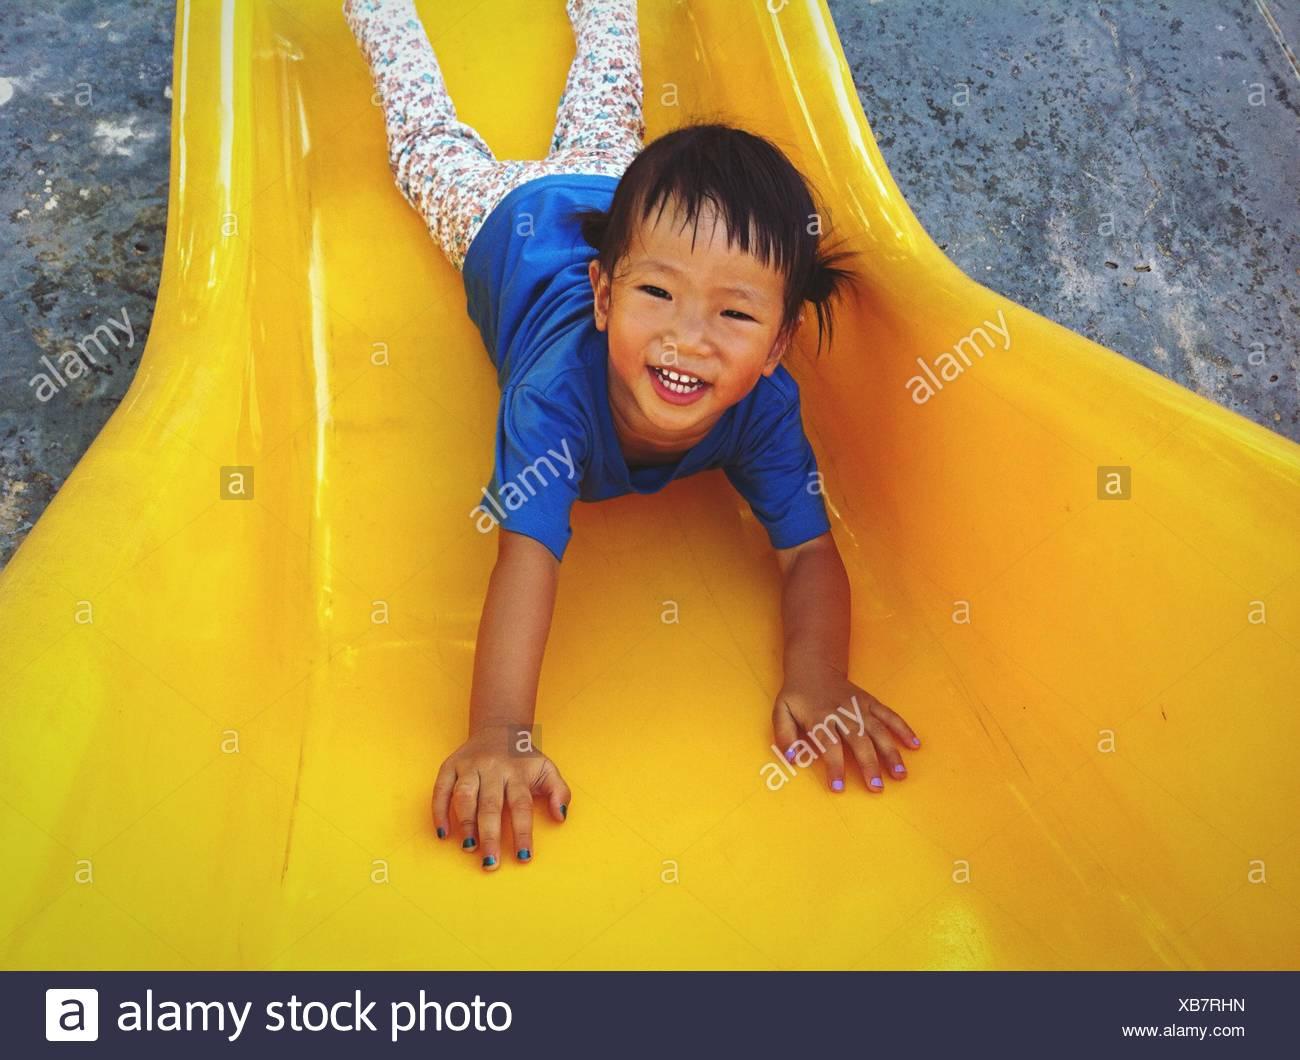 Portrait Of Happy Girl Playing On Yellow Diapositive dans Jeux pour Enfants Banque D'Images